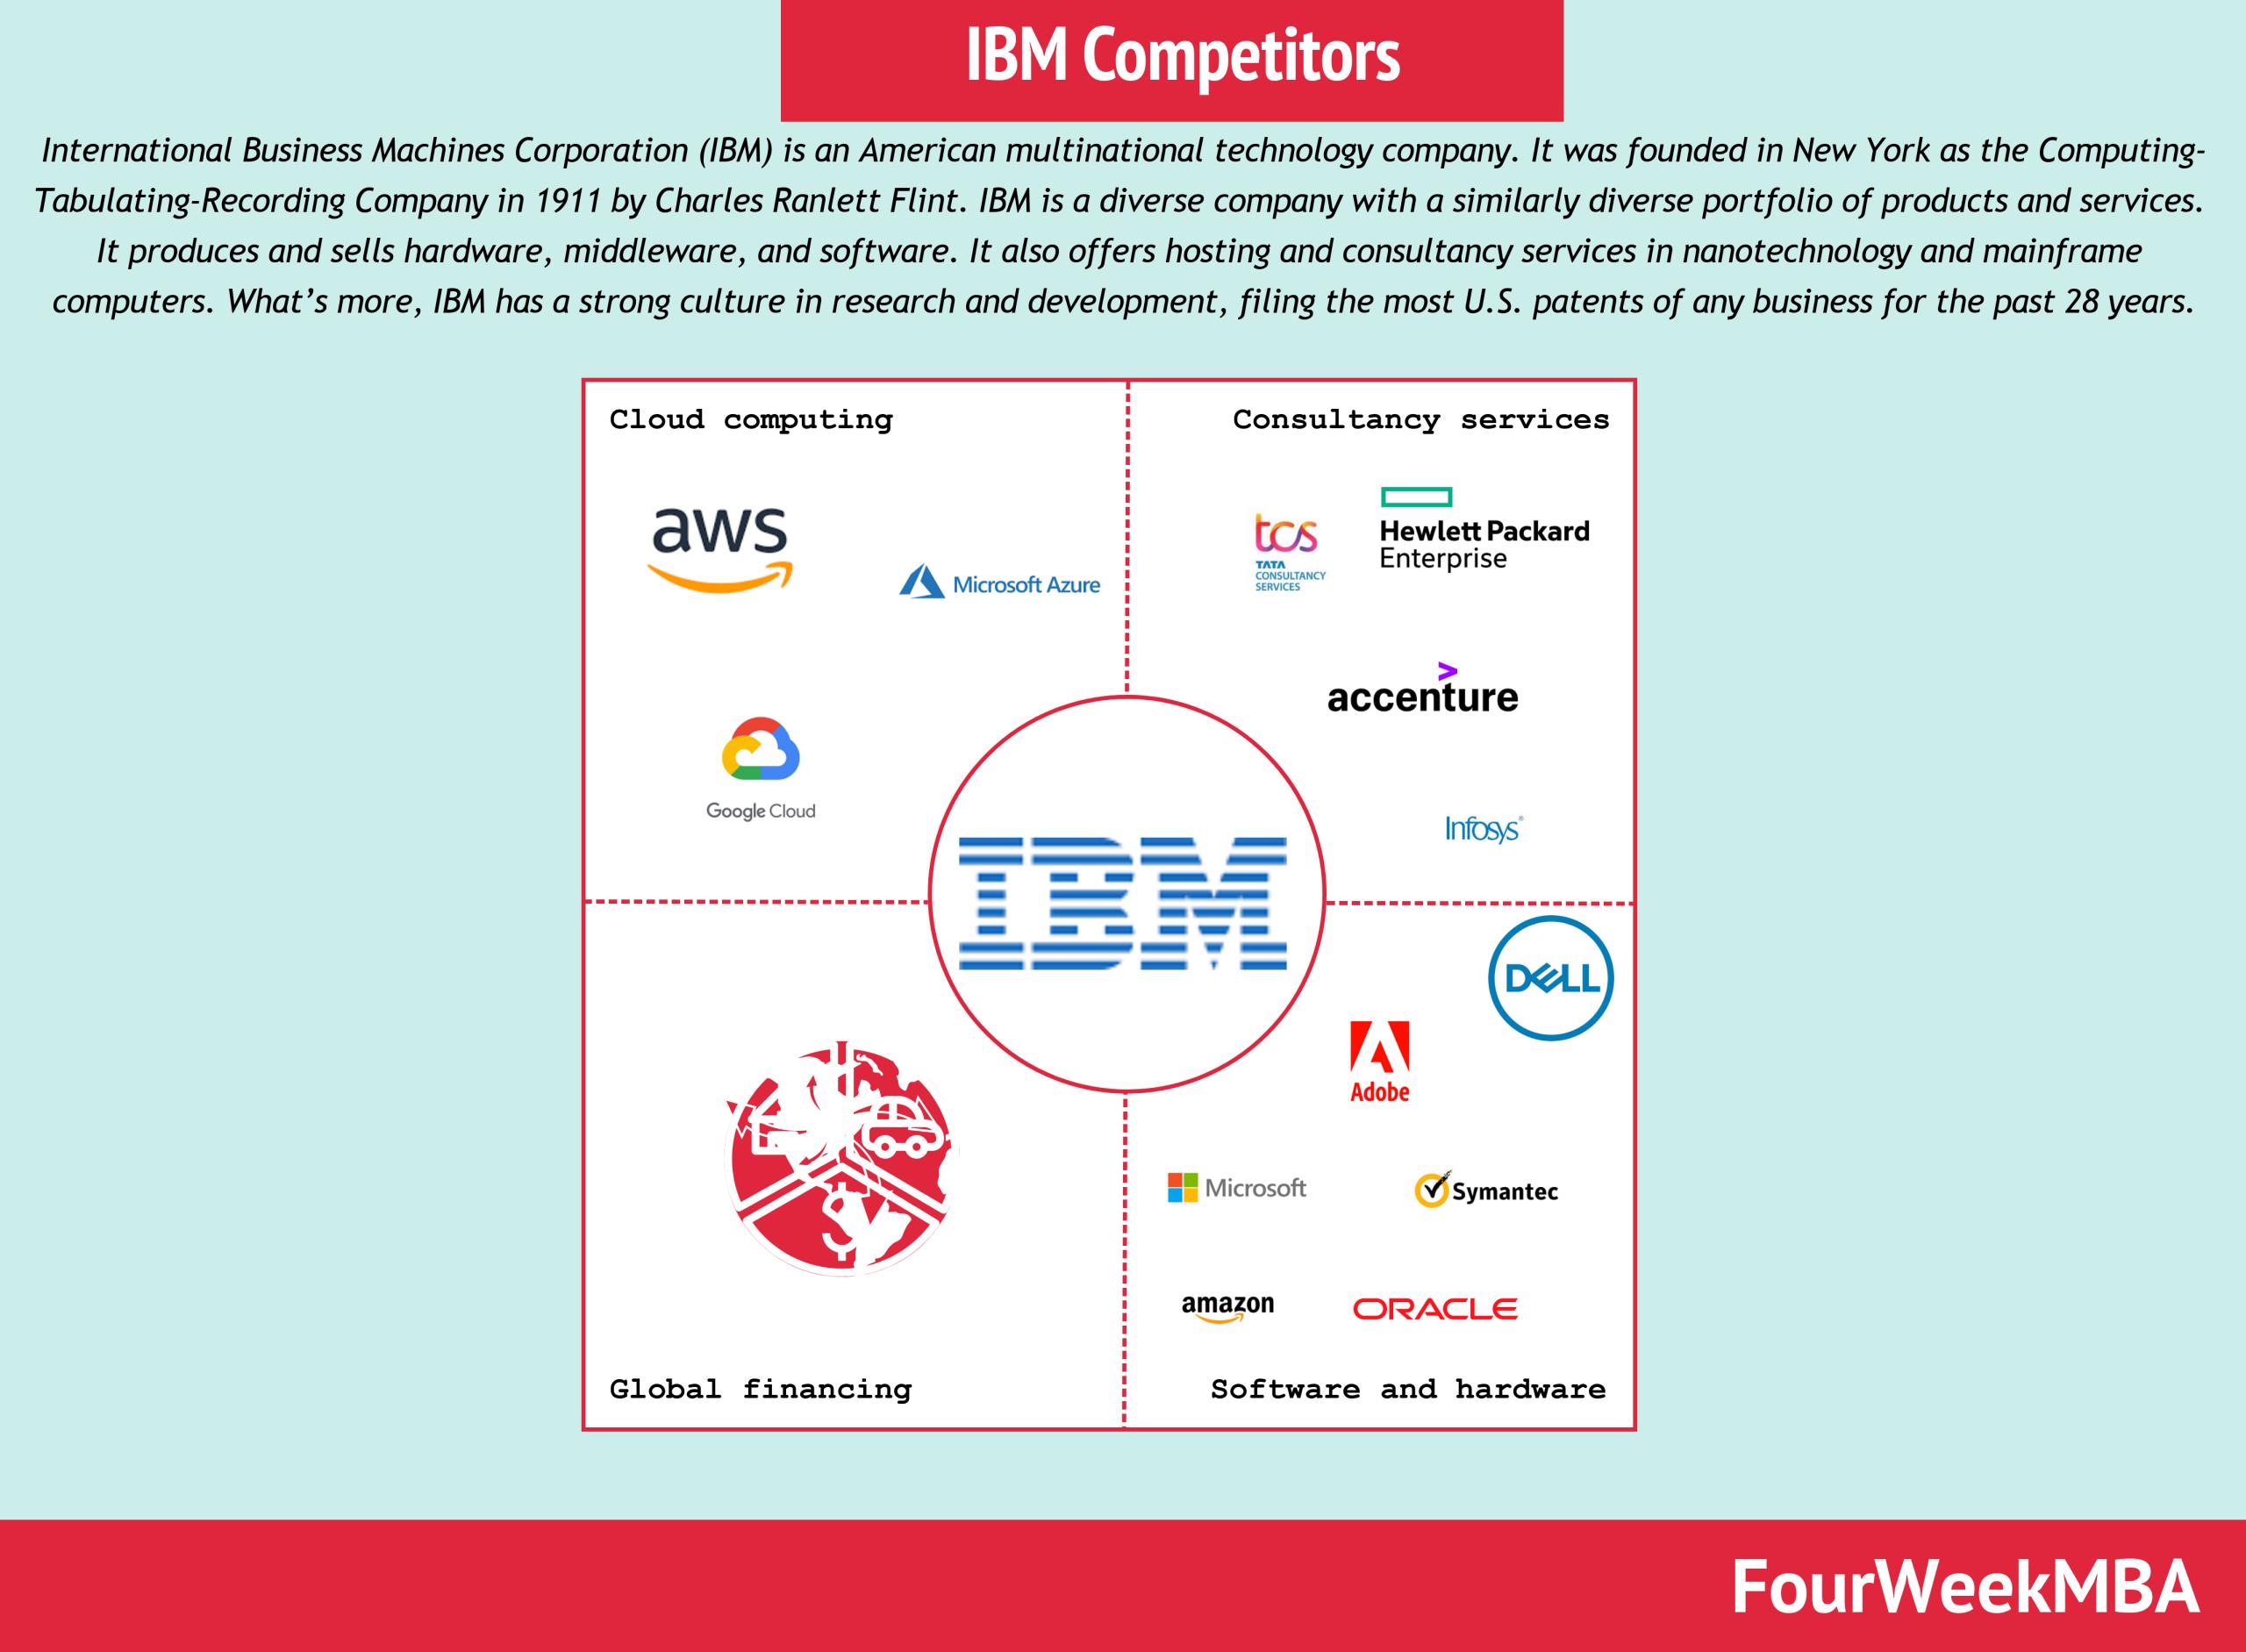 ibm-competitors